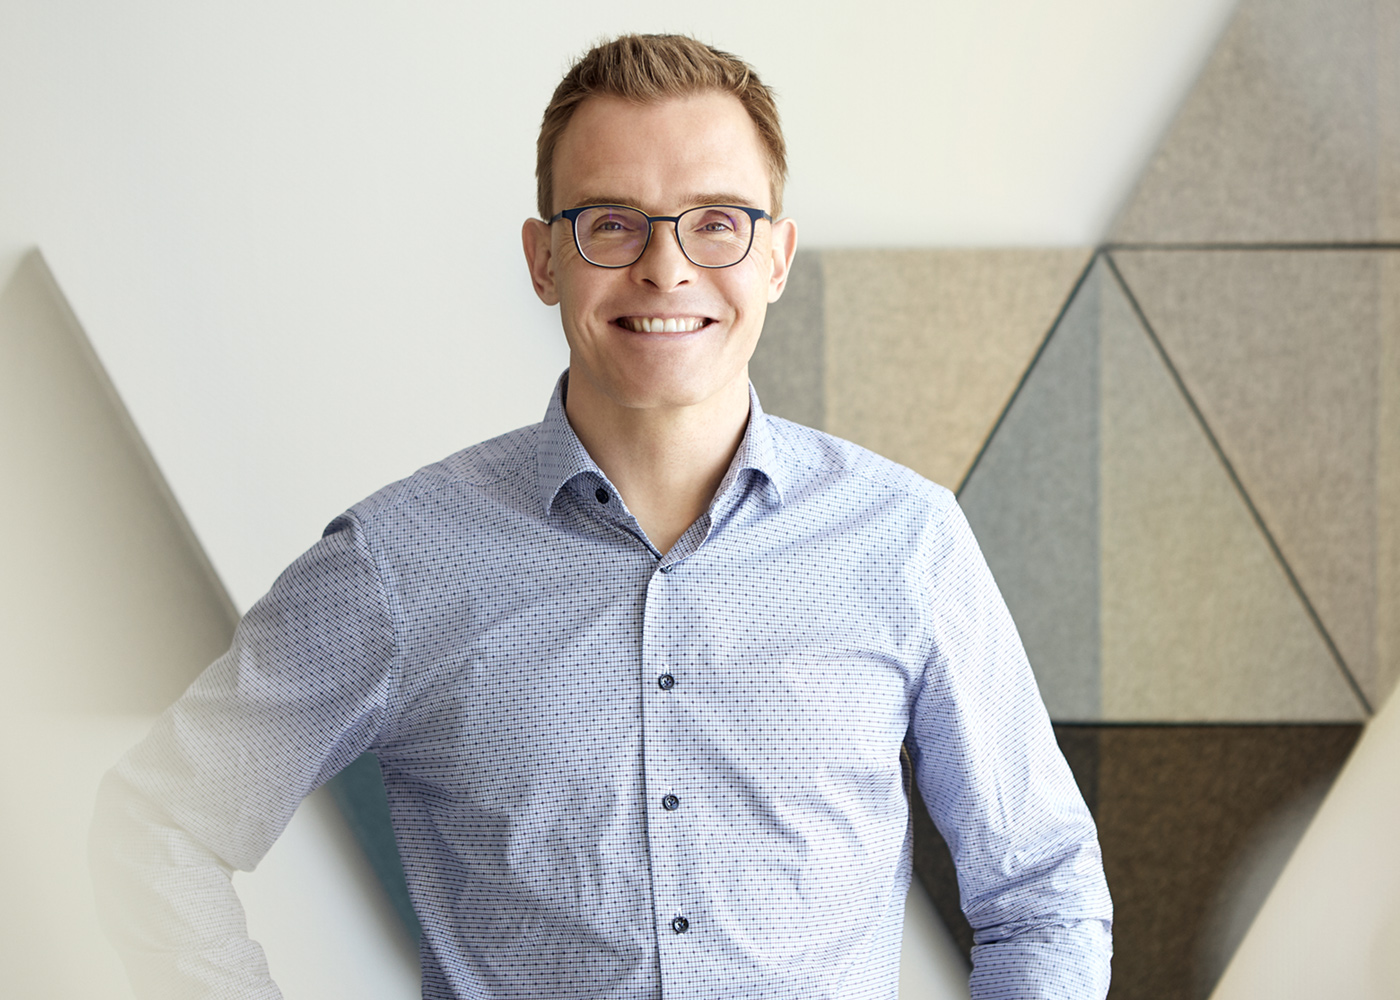 Geschäftsführer Jochen Raab | Raab IT Systemhaus – seit 1988 in Gerstetten | designQUARTIER | Foto: Florian Thierer